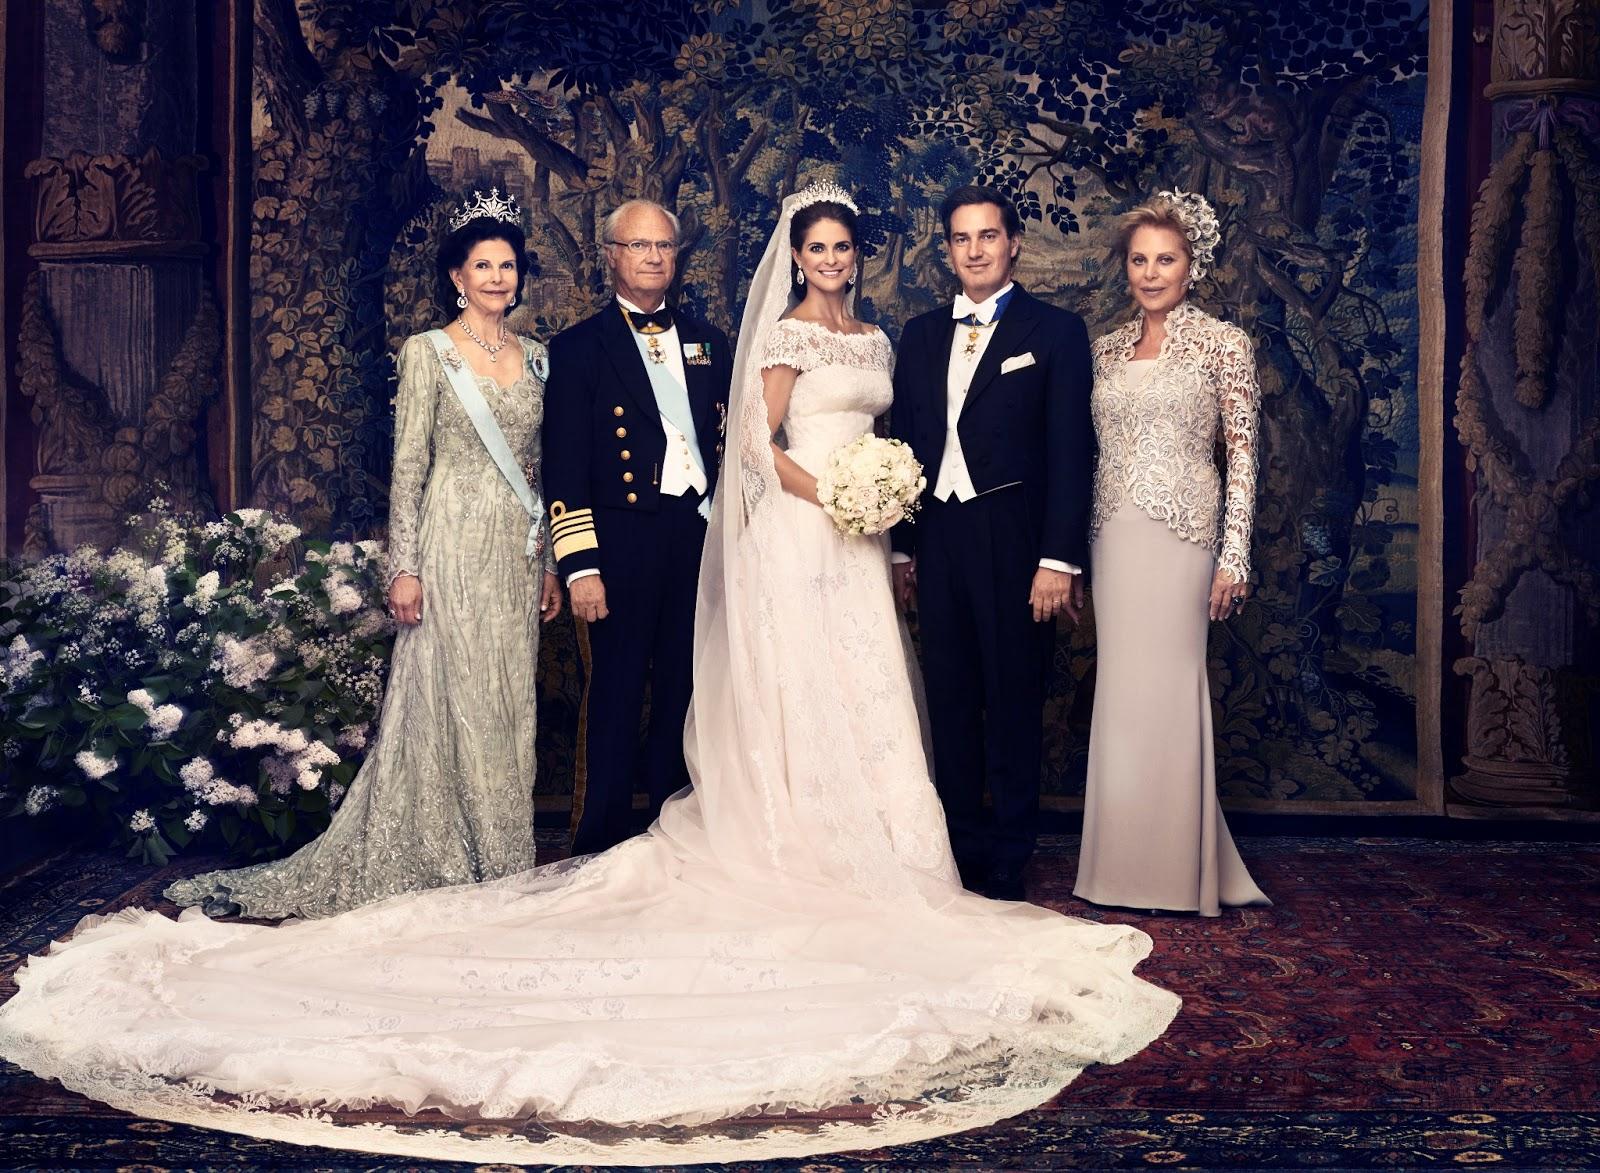 Royals Van Europa Huwelijk Prinses Madeleine En Chris O